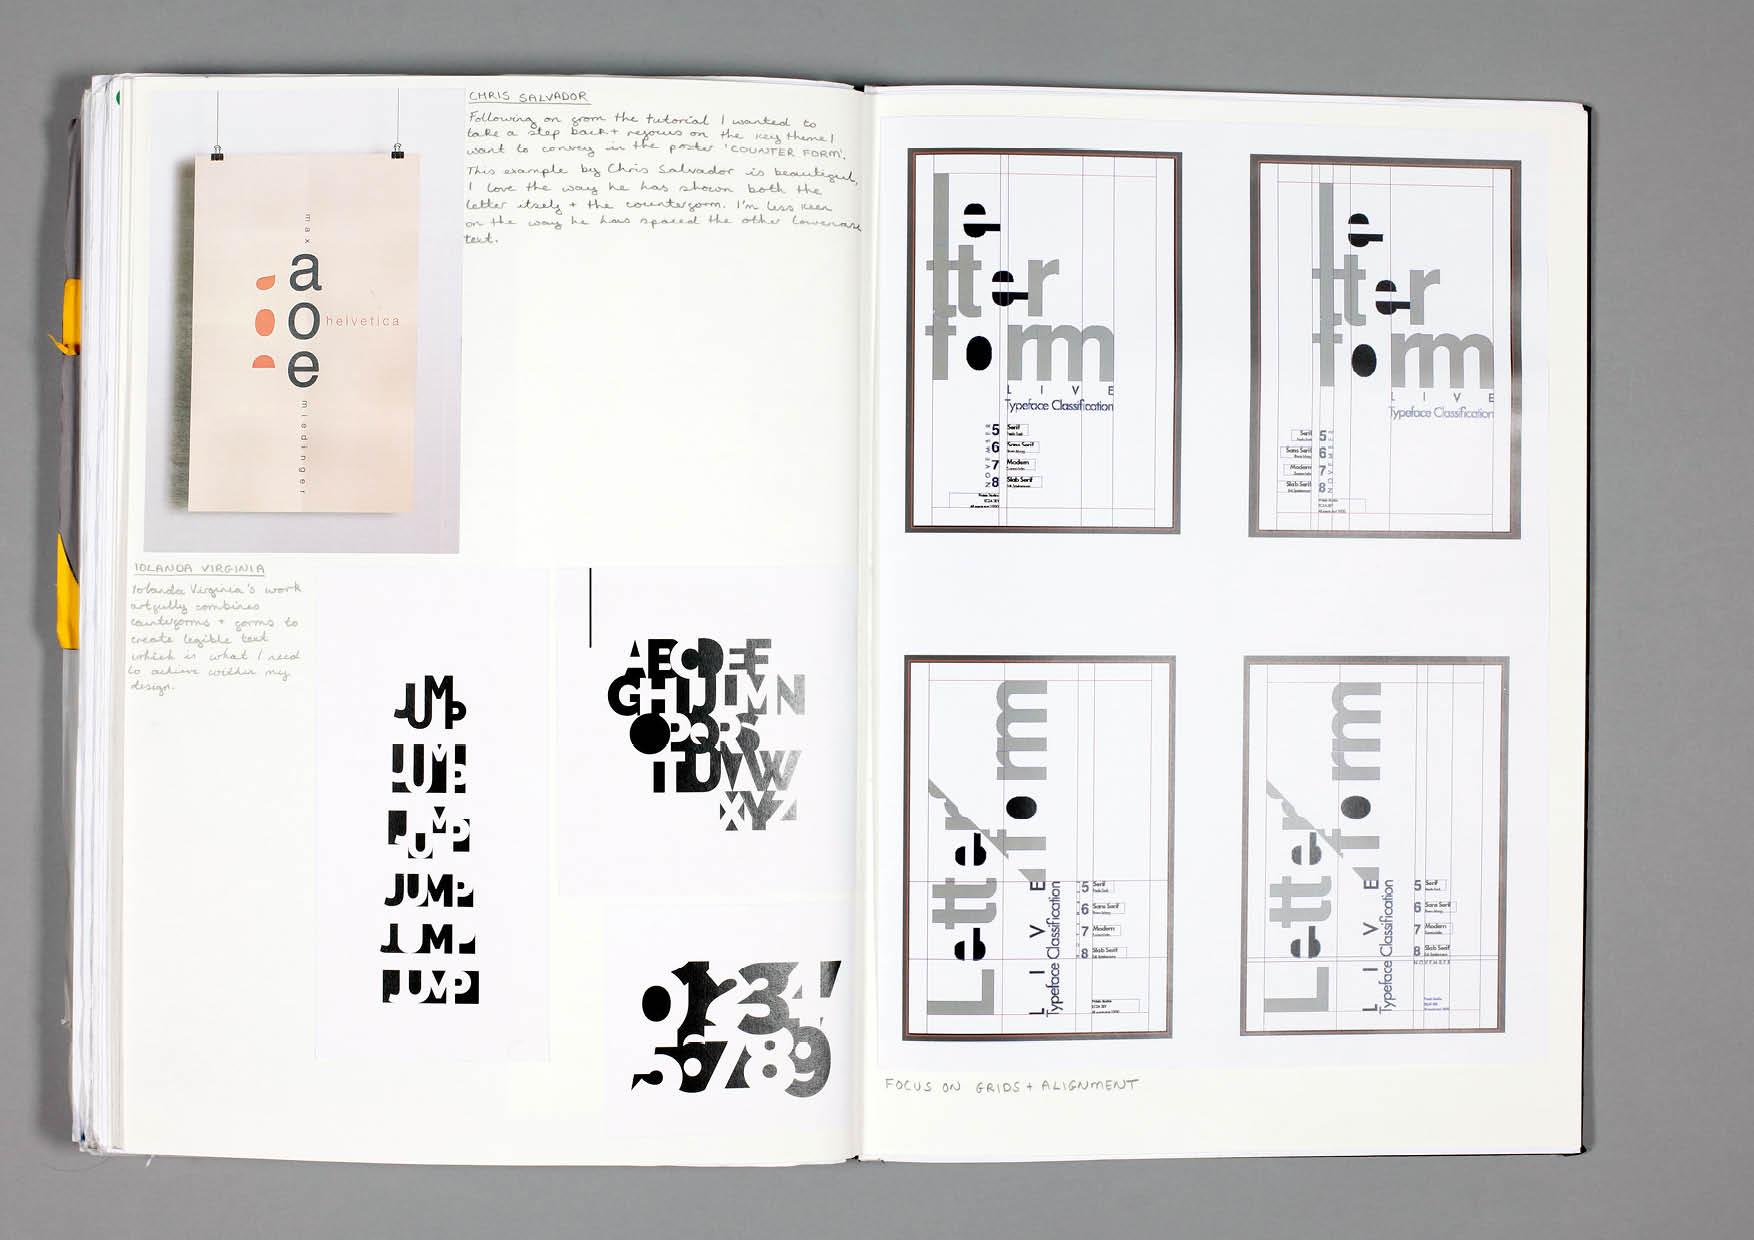 Design by Mils Letterform Sketchbook Page